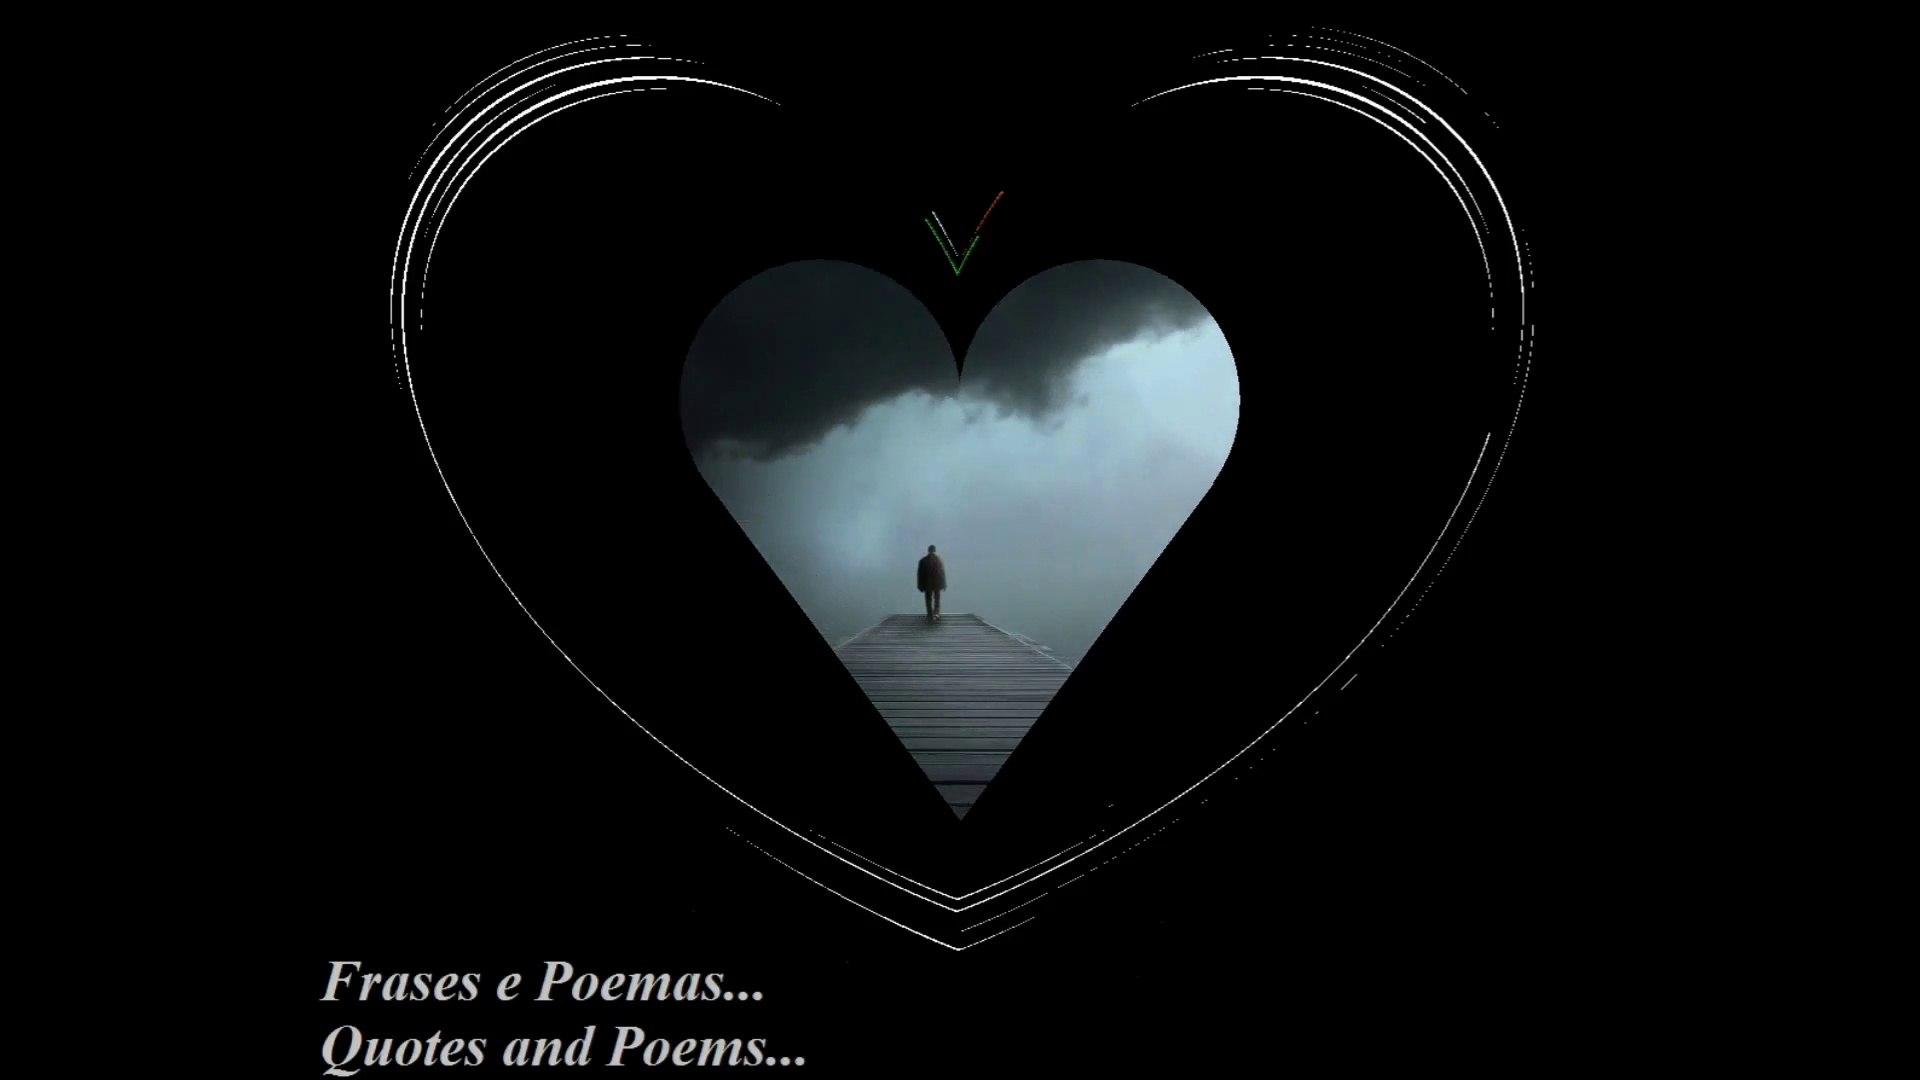 A solidão já tomou conta da minha alma, a tristeza é grande... [Frases e Poemas]